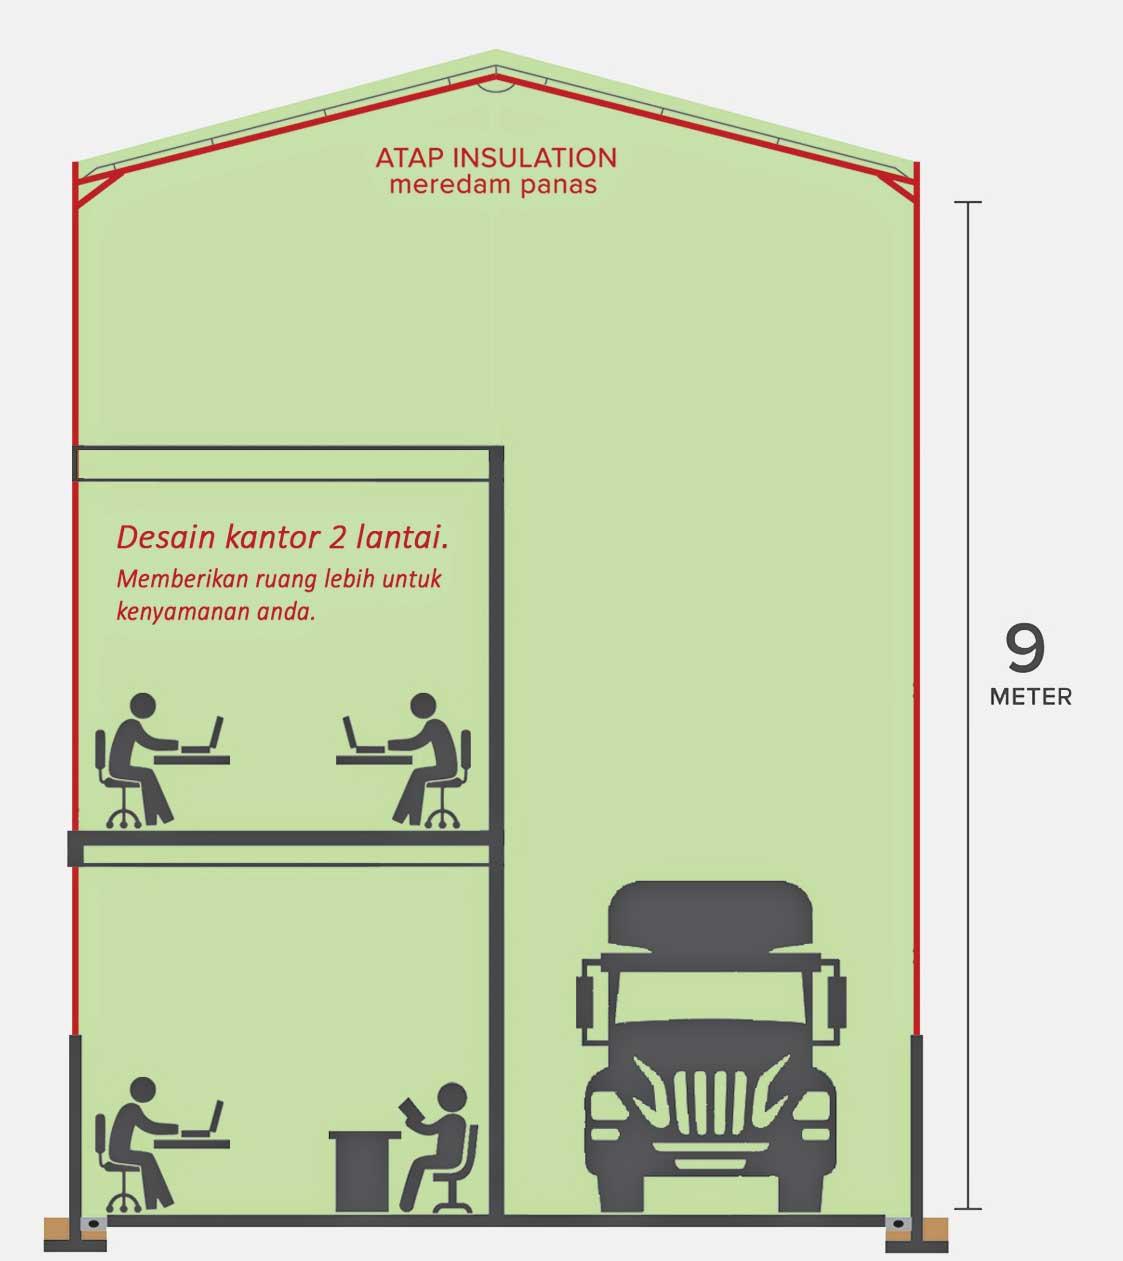 Type D Gudang Pergudangan Warehouse Jual Gudang Properti Jual Properti Bangunan Luas Warehouse Sale Beli Gudang Gudang Surabaya